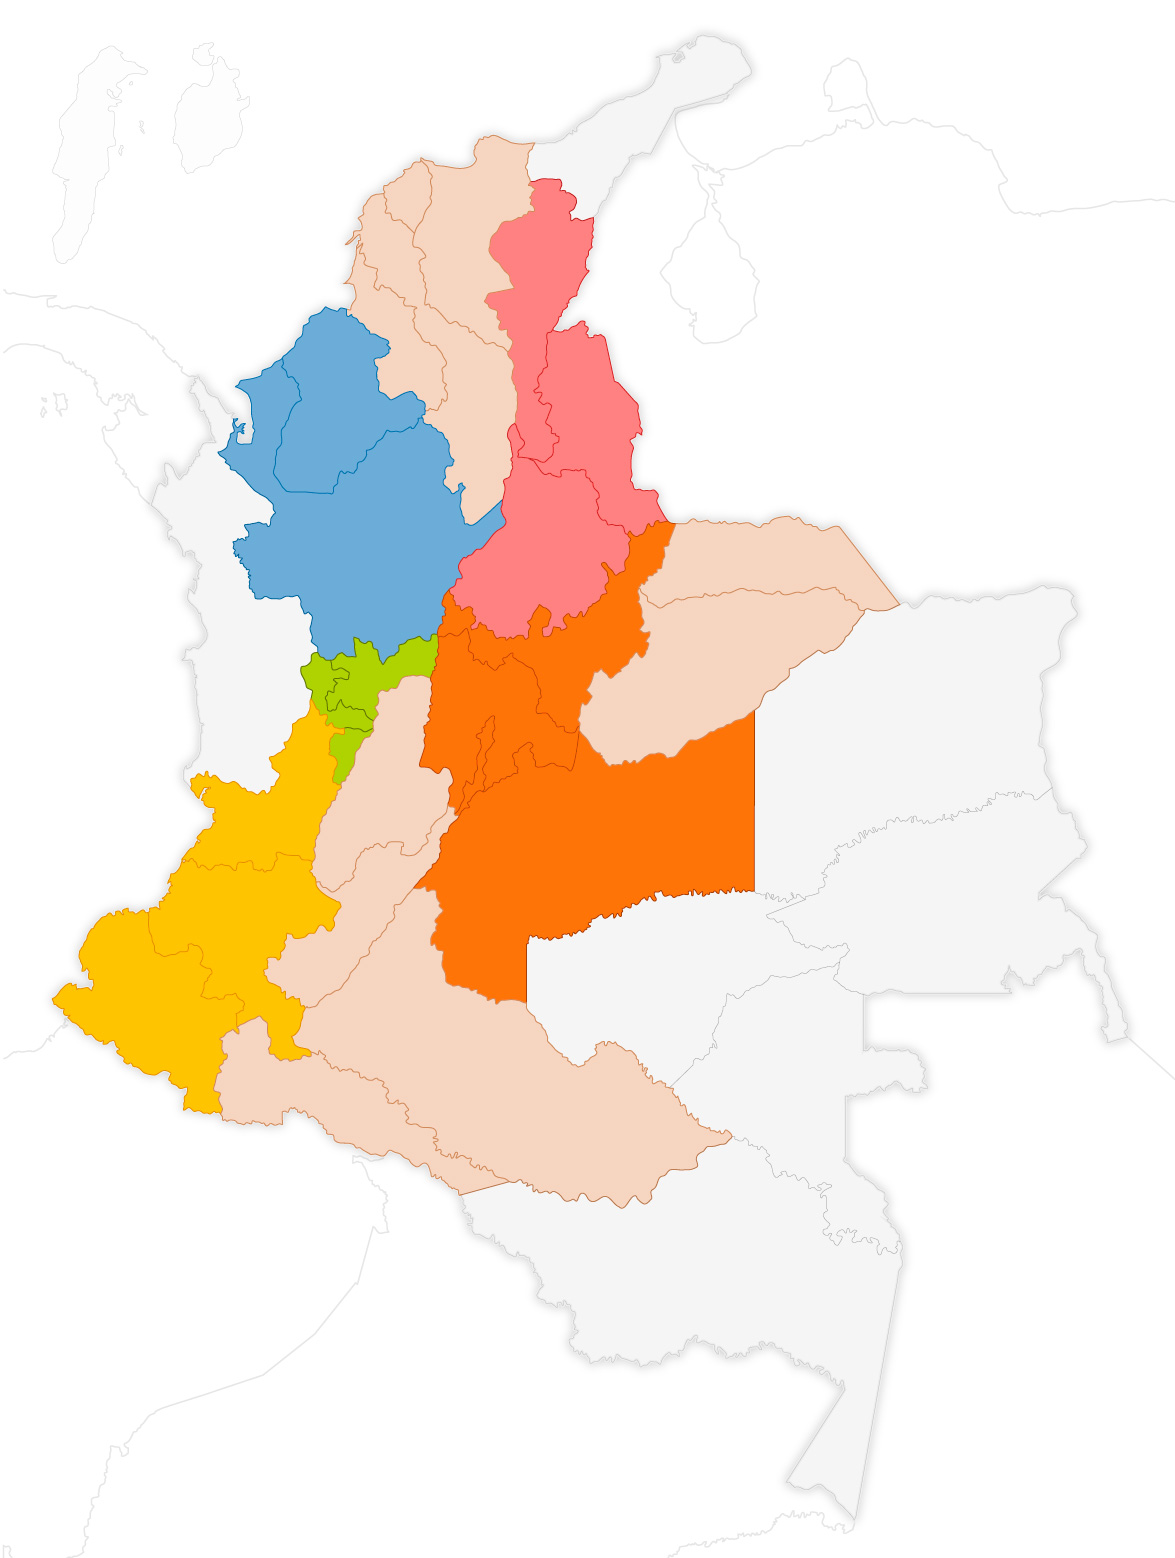 nutrifarma-nuevo-mapa-completo